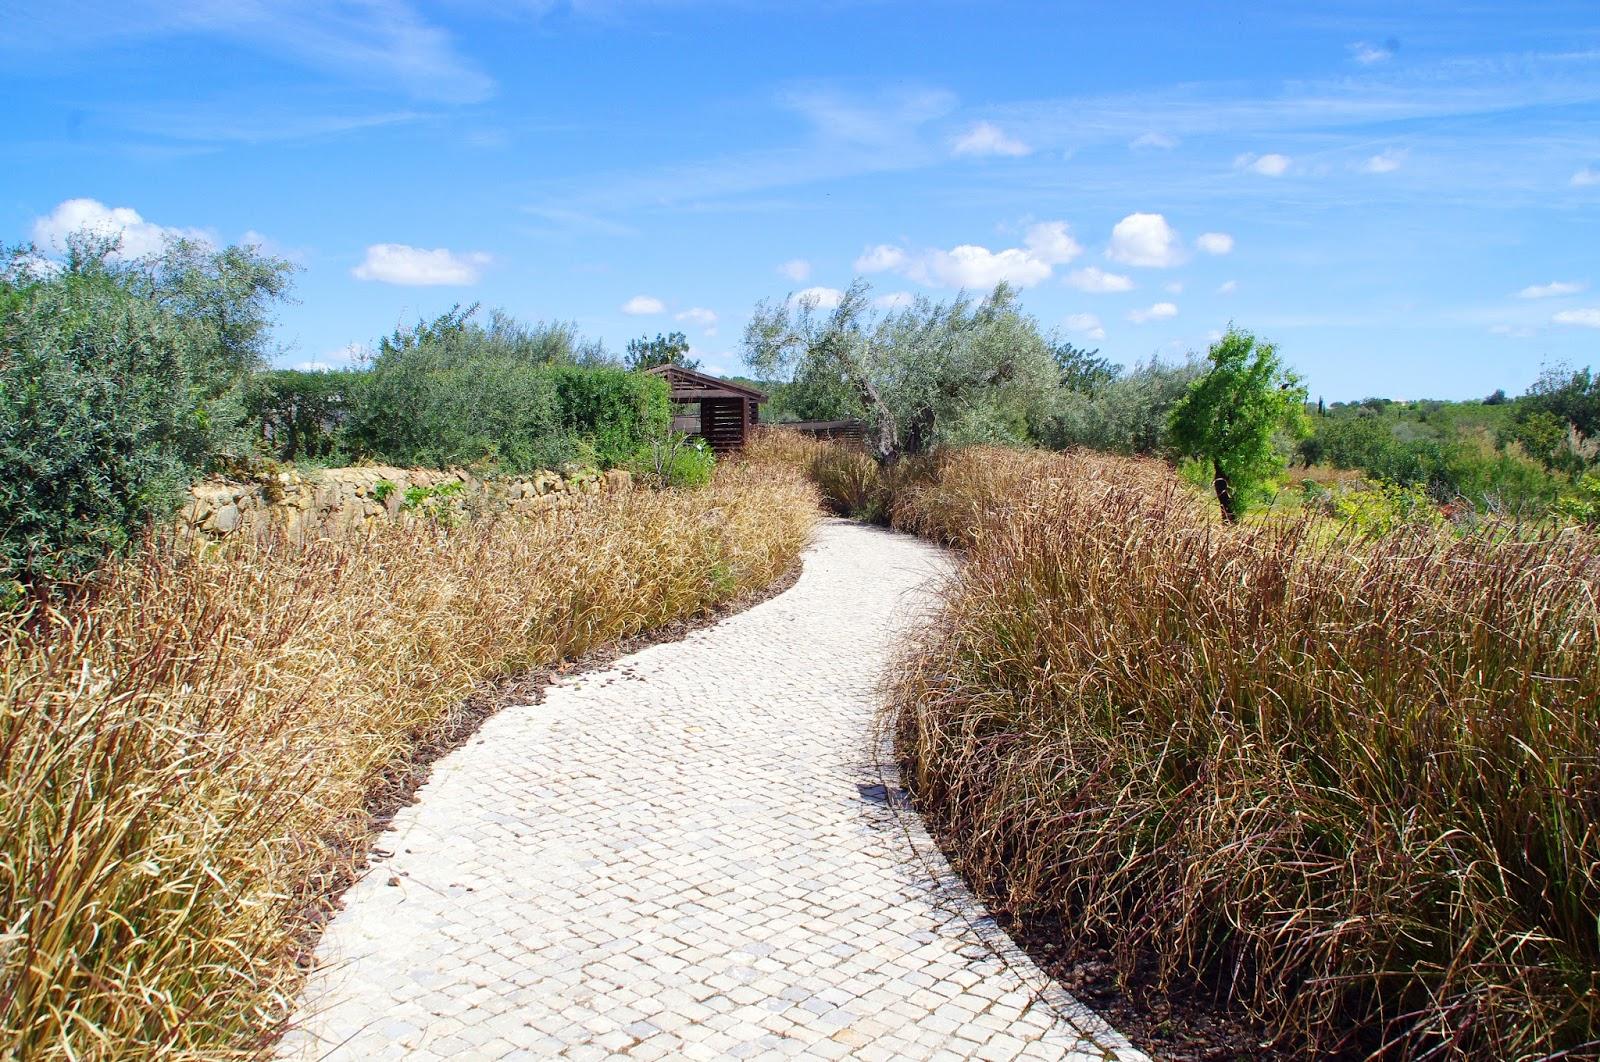 Fazenda Nova Country House grounds